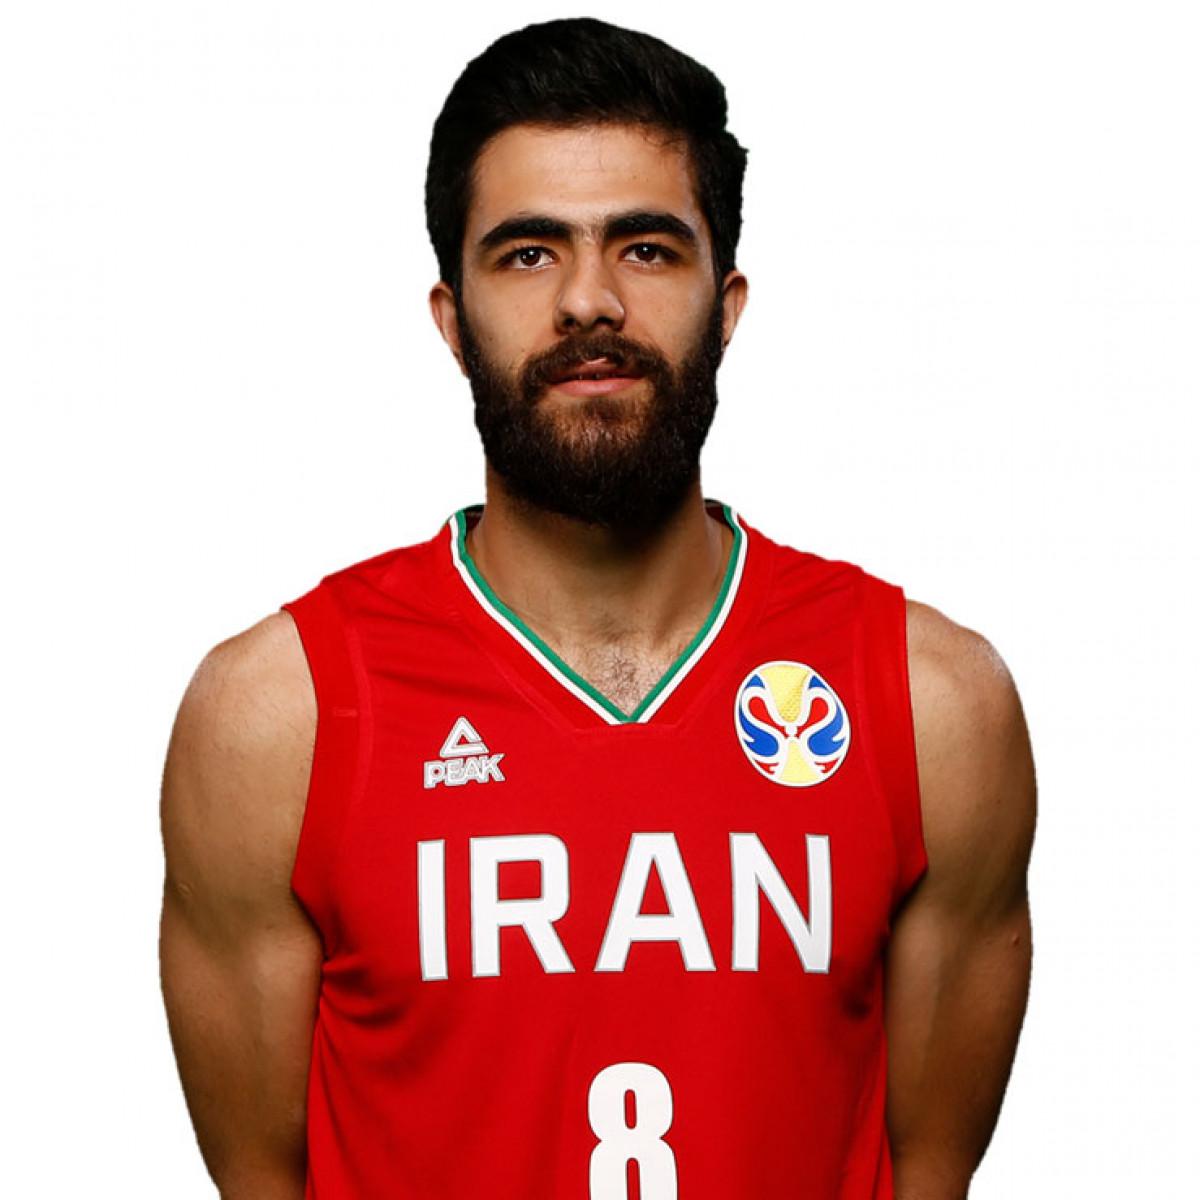 Photo of Behnam Yakhchali, 2019-2020 season